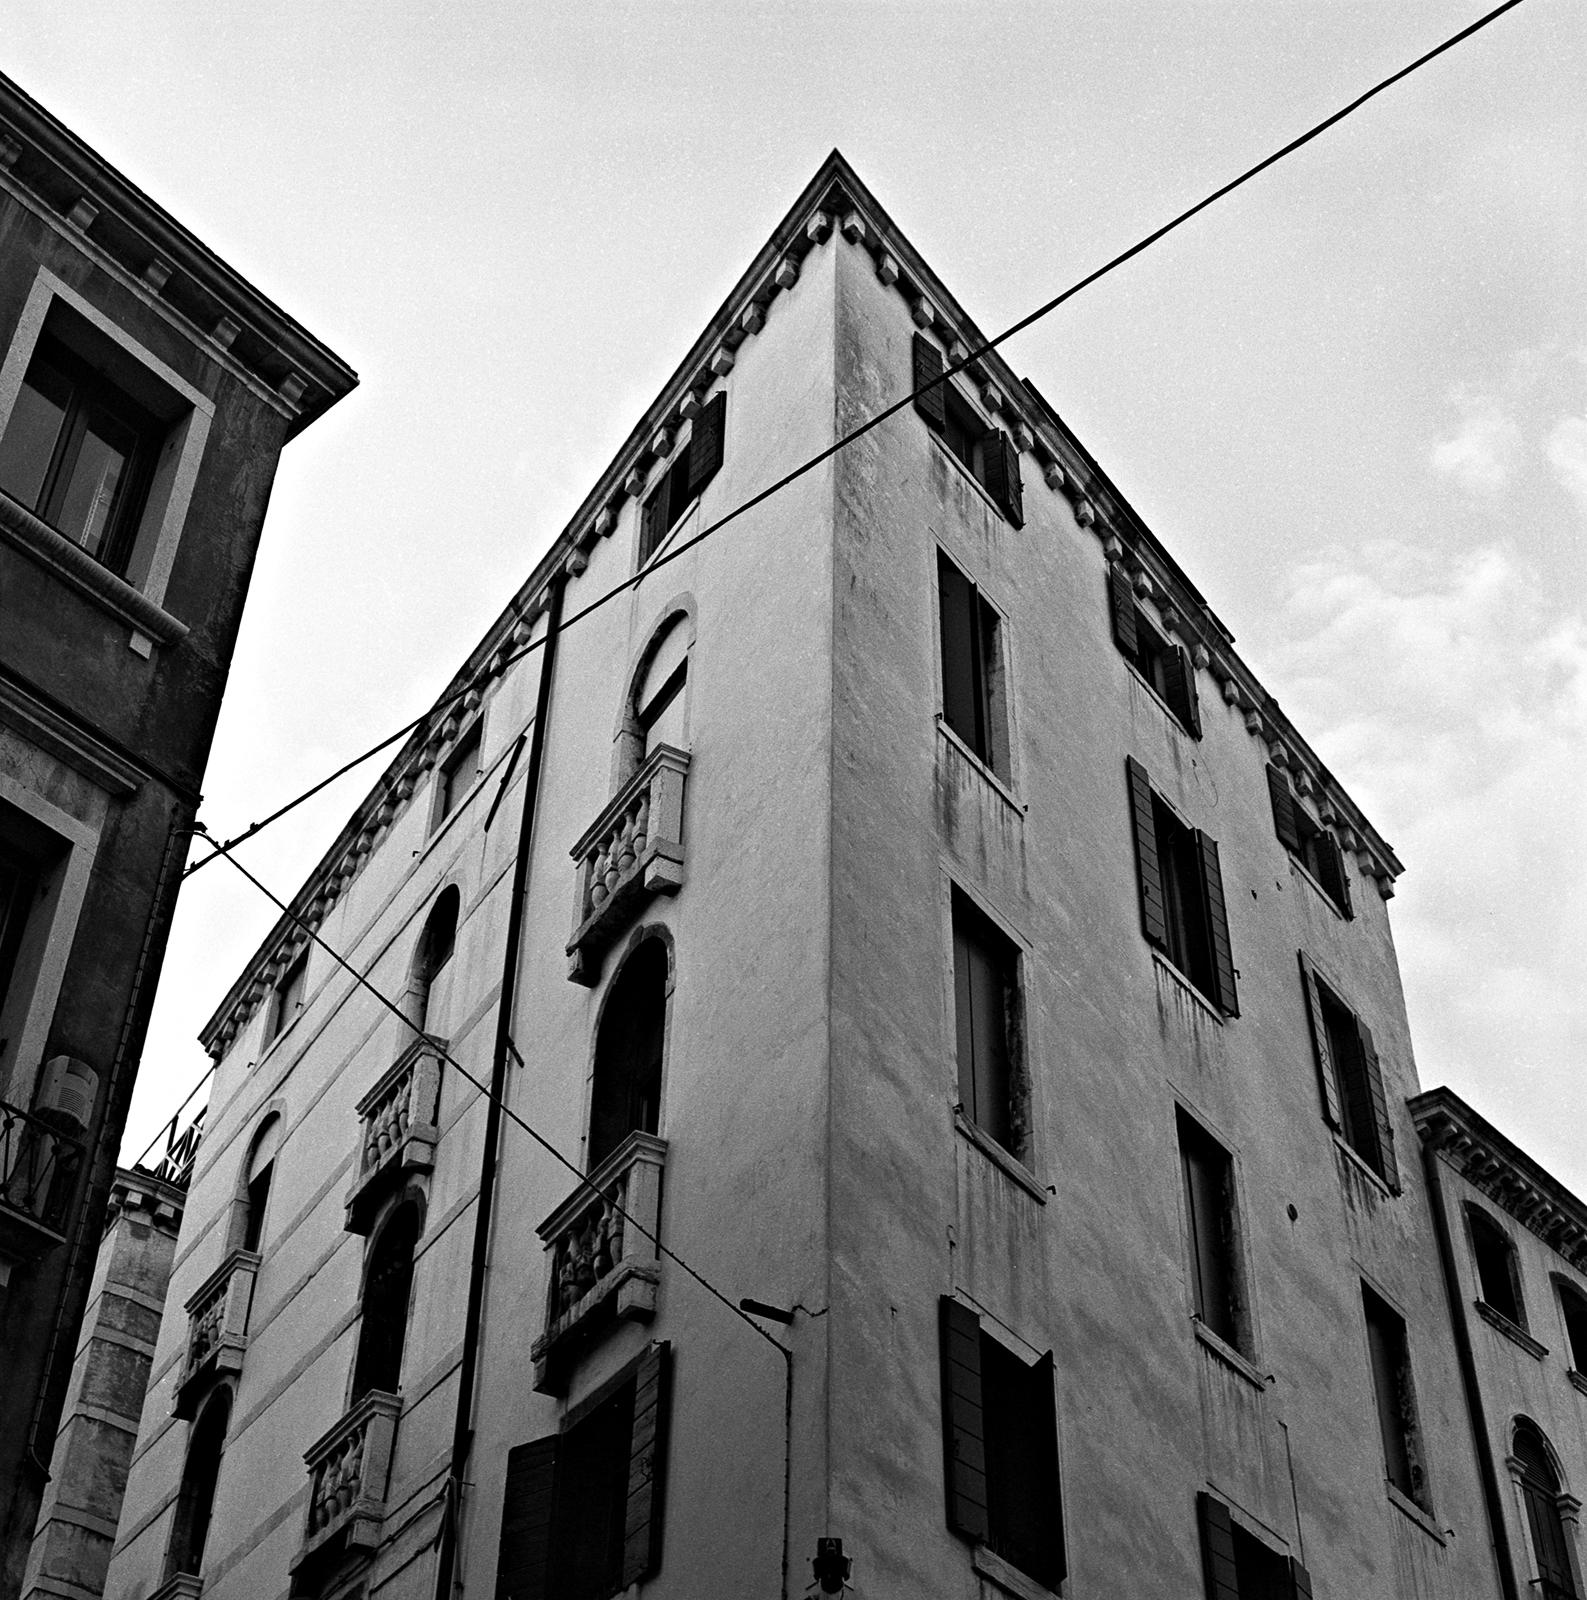 Venice-r1-005.jpg